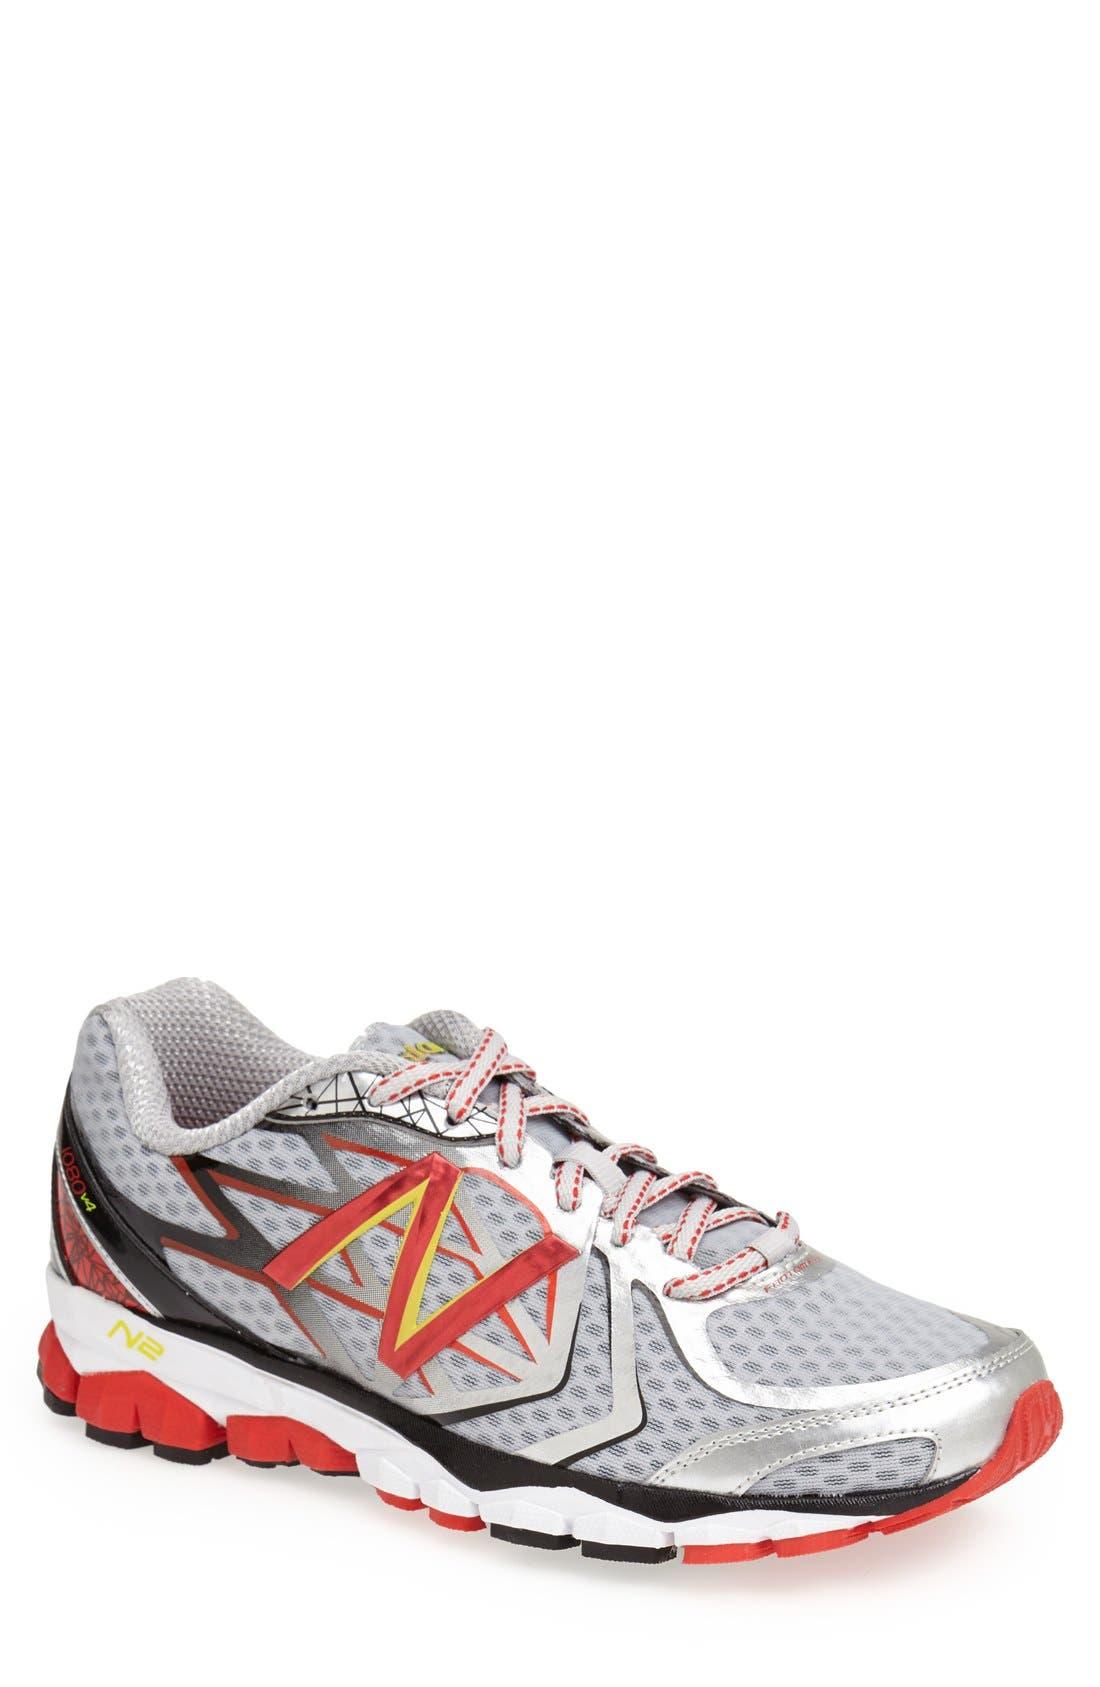 Alternate Image 1 Selected - New Balance '1080v4' Running Shoe (Men)